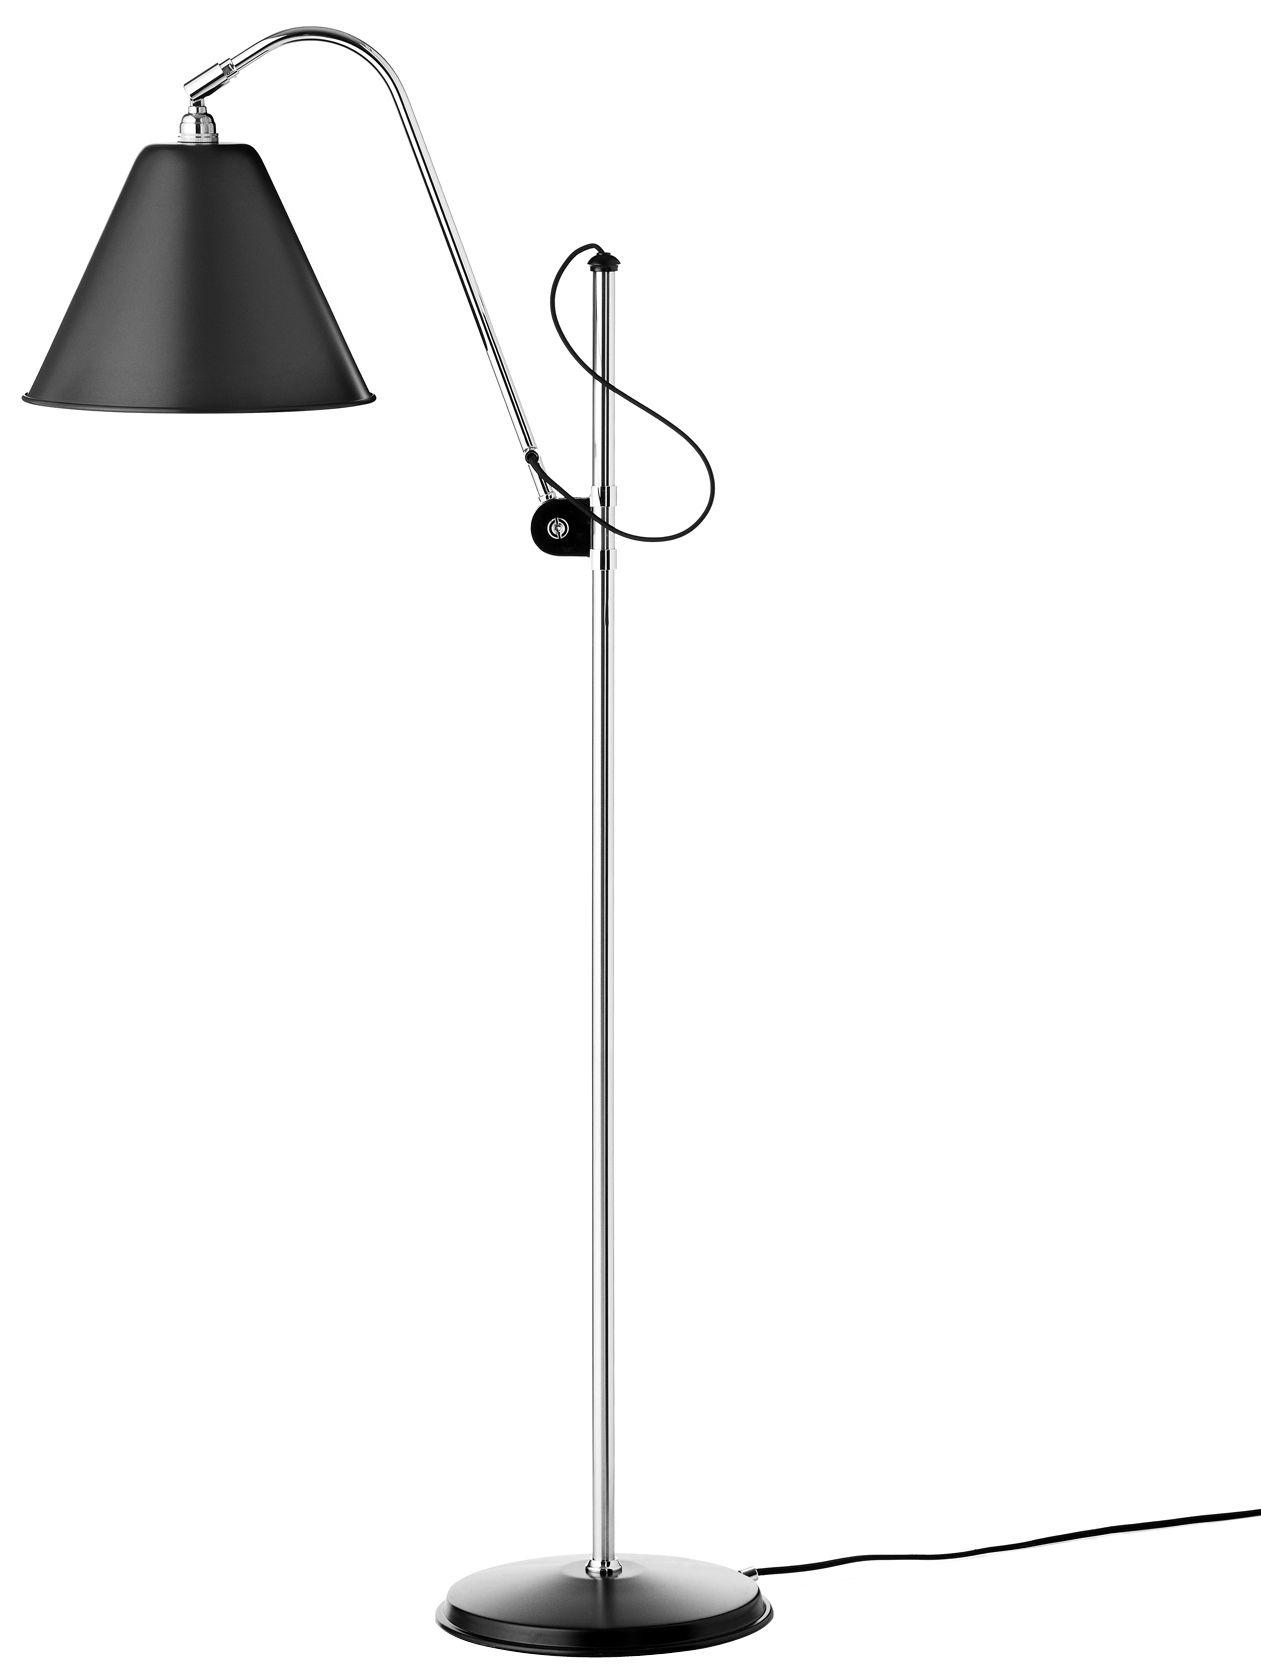 Bestlite bl3 original floor lamp reissue 1930 black by gubi for 1930 floor lamps